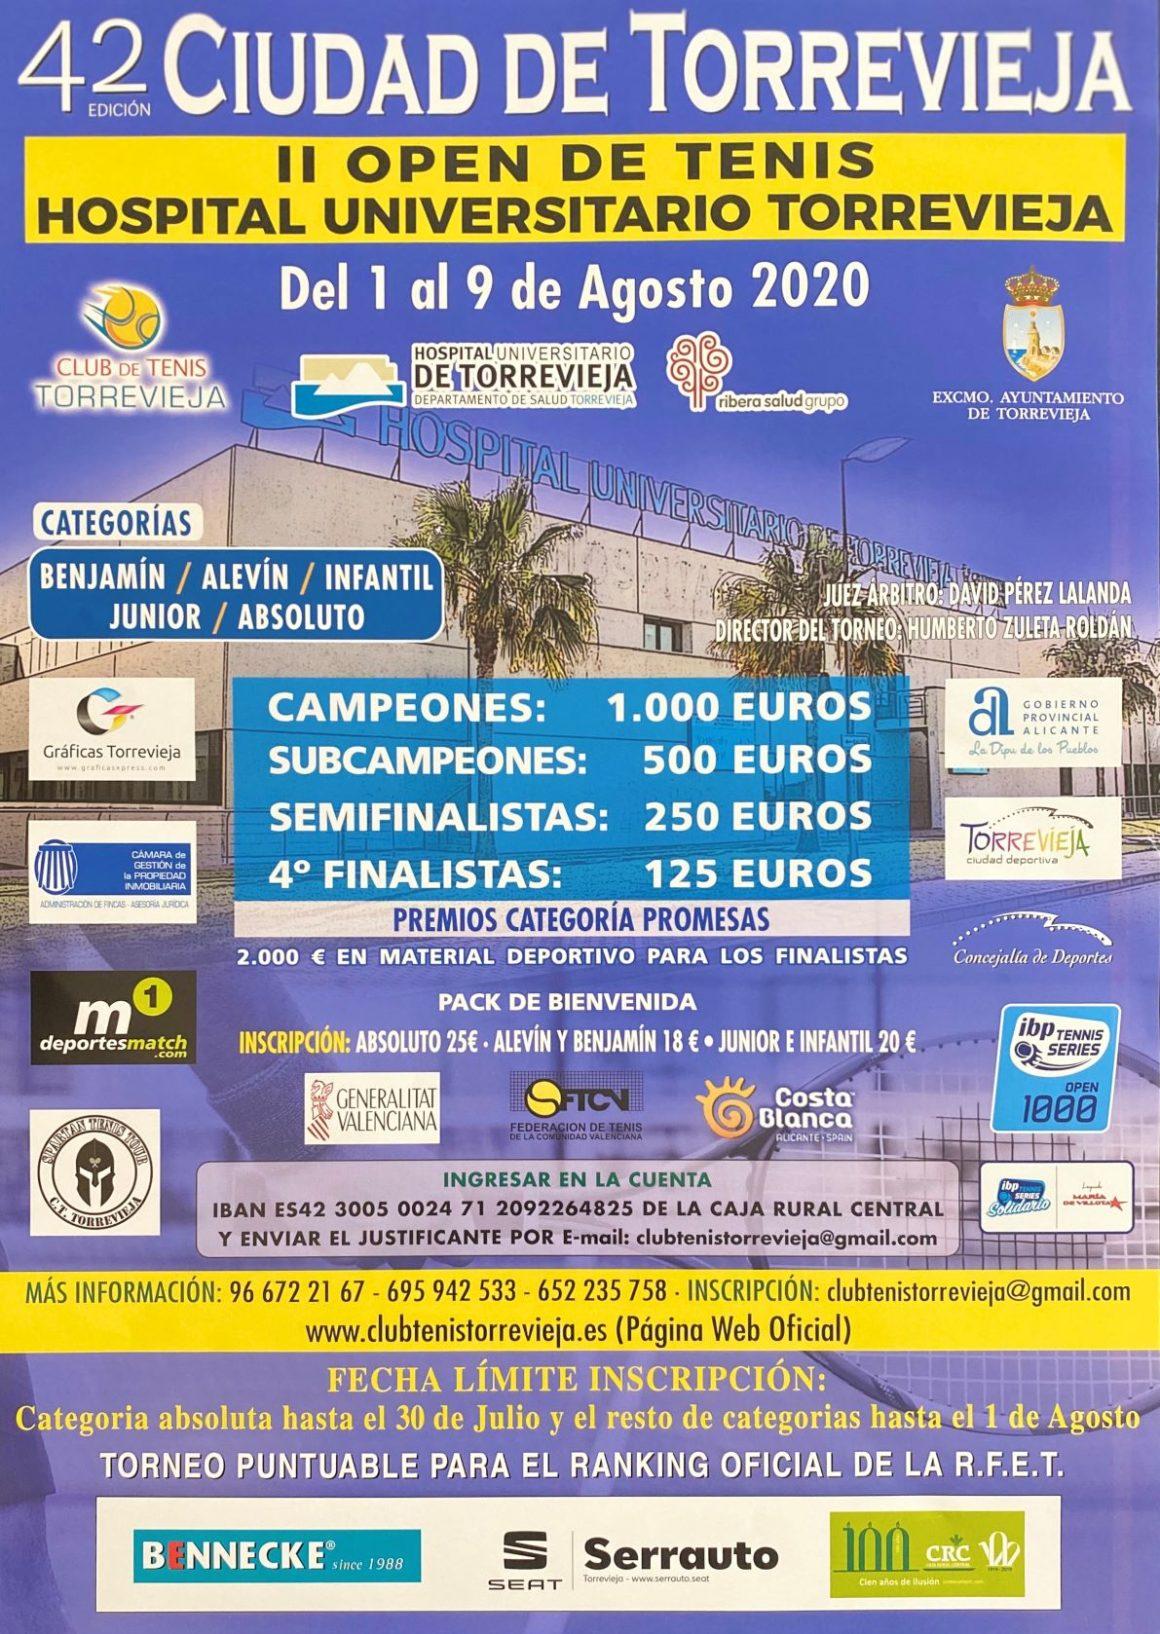 """(Español) Del 1 al 9 de agosto se celebrará el 42º Torneo de Tenis """"Ciudad de Torrevieja"""", con la participación de más de 300 tenistas."""